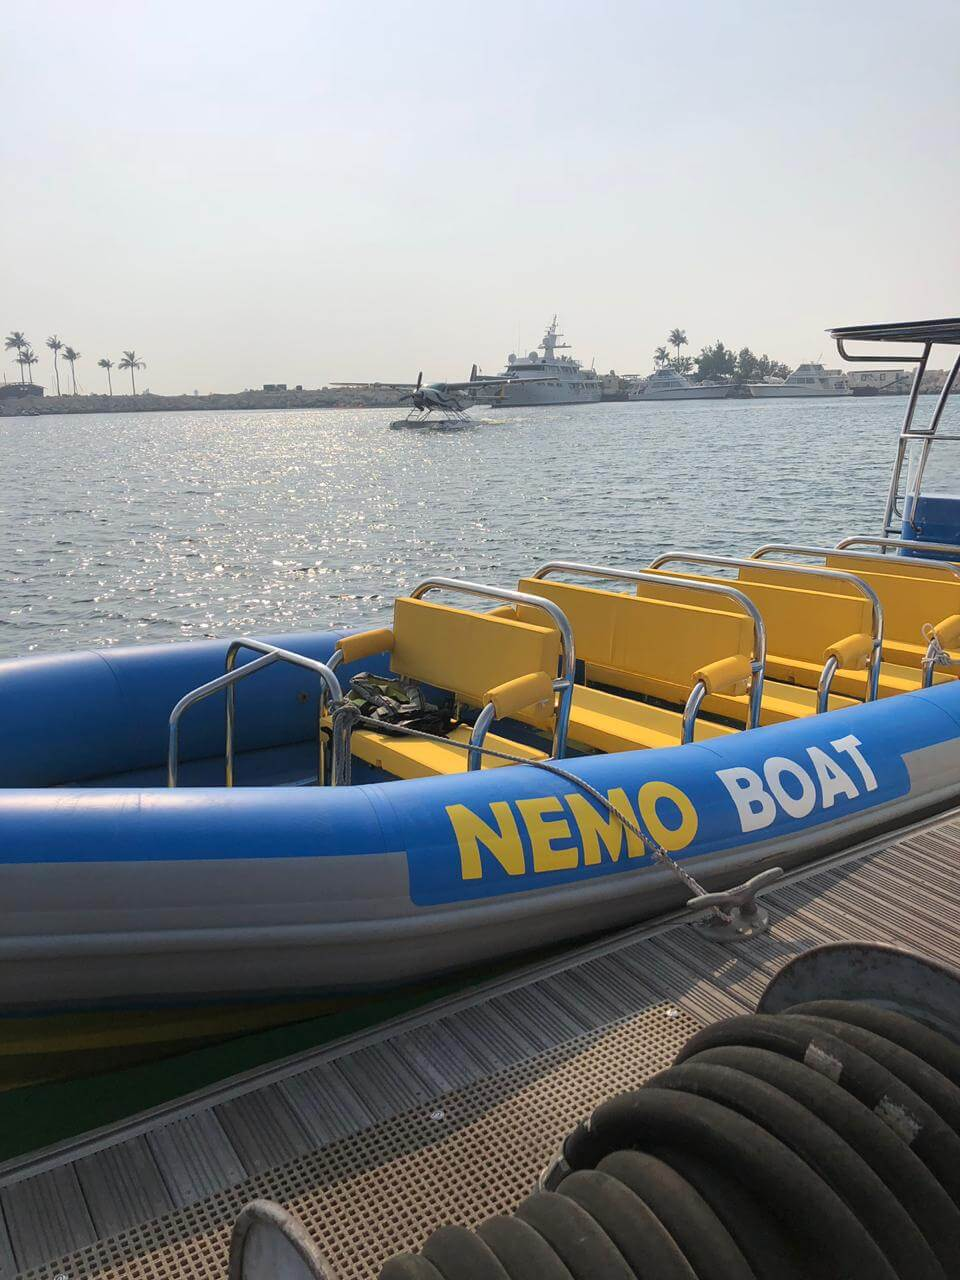 Boat tour in Dubai from Nemo Boat